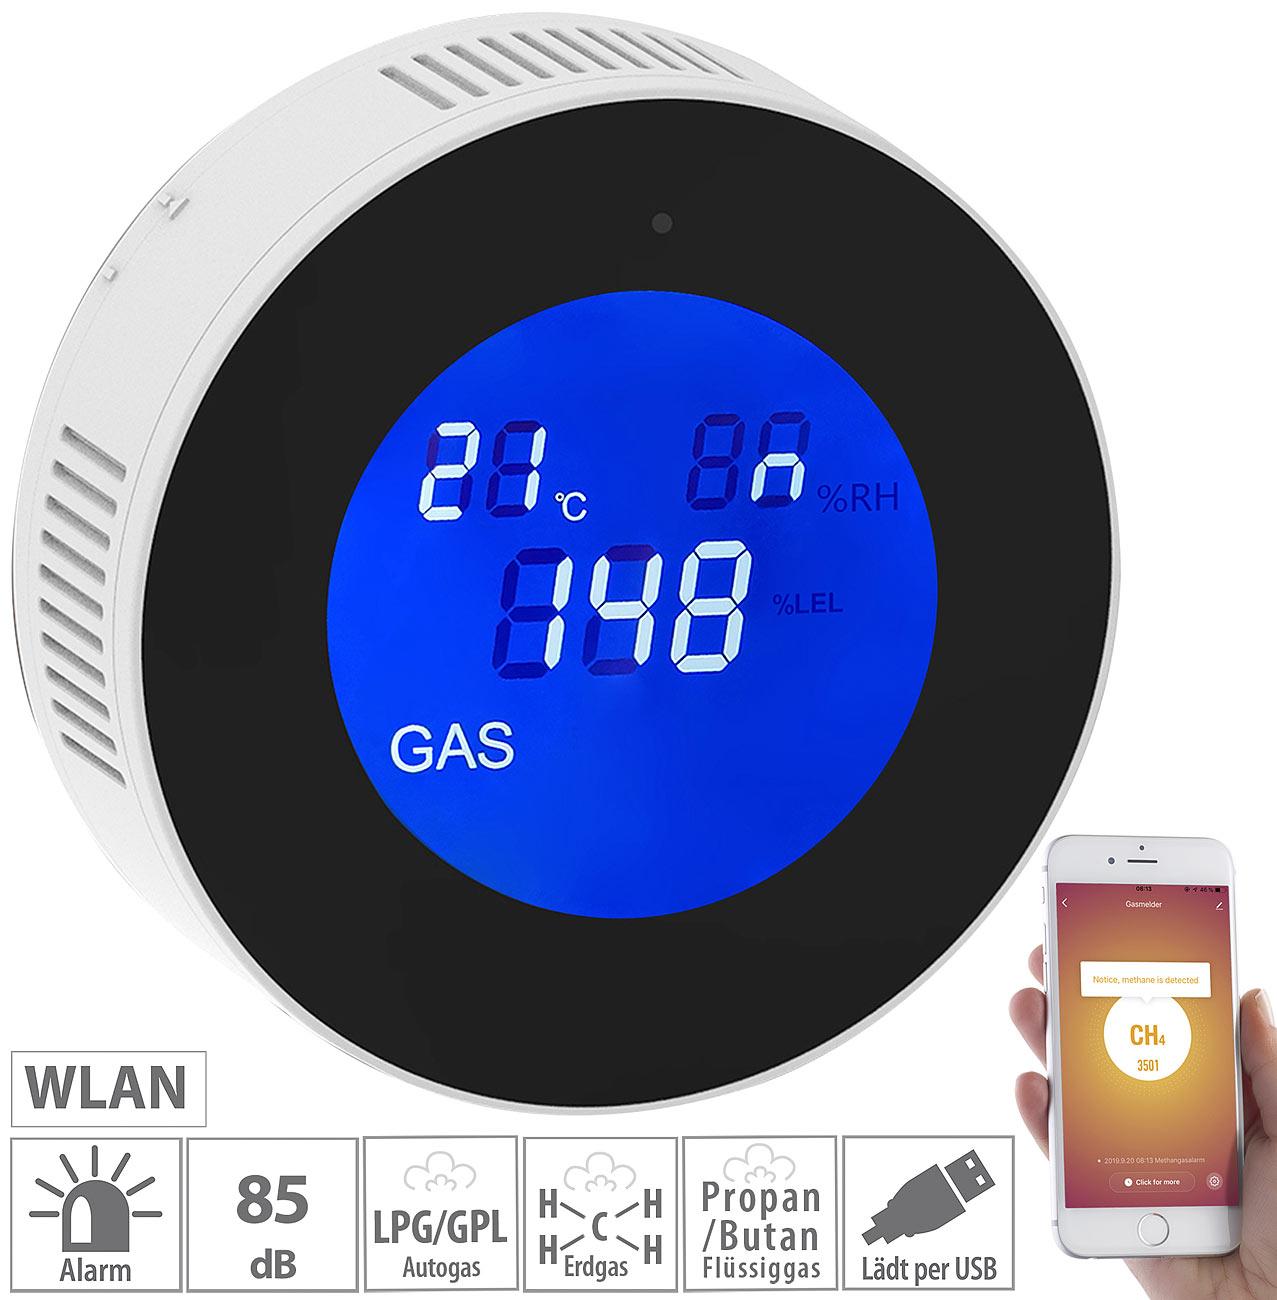 VisorTech WLAN-Multi-Gasmelder für haushaltsübliche Gase, mit App & Sprachansage, www.pearl.de